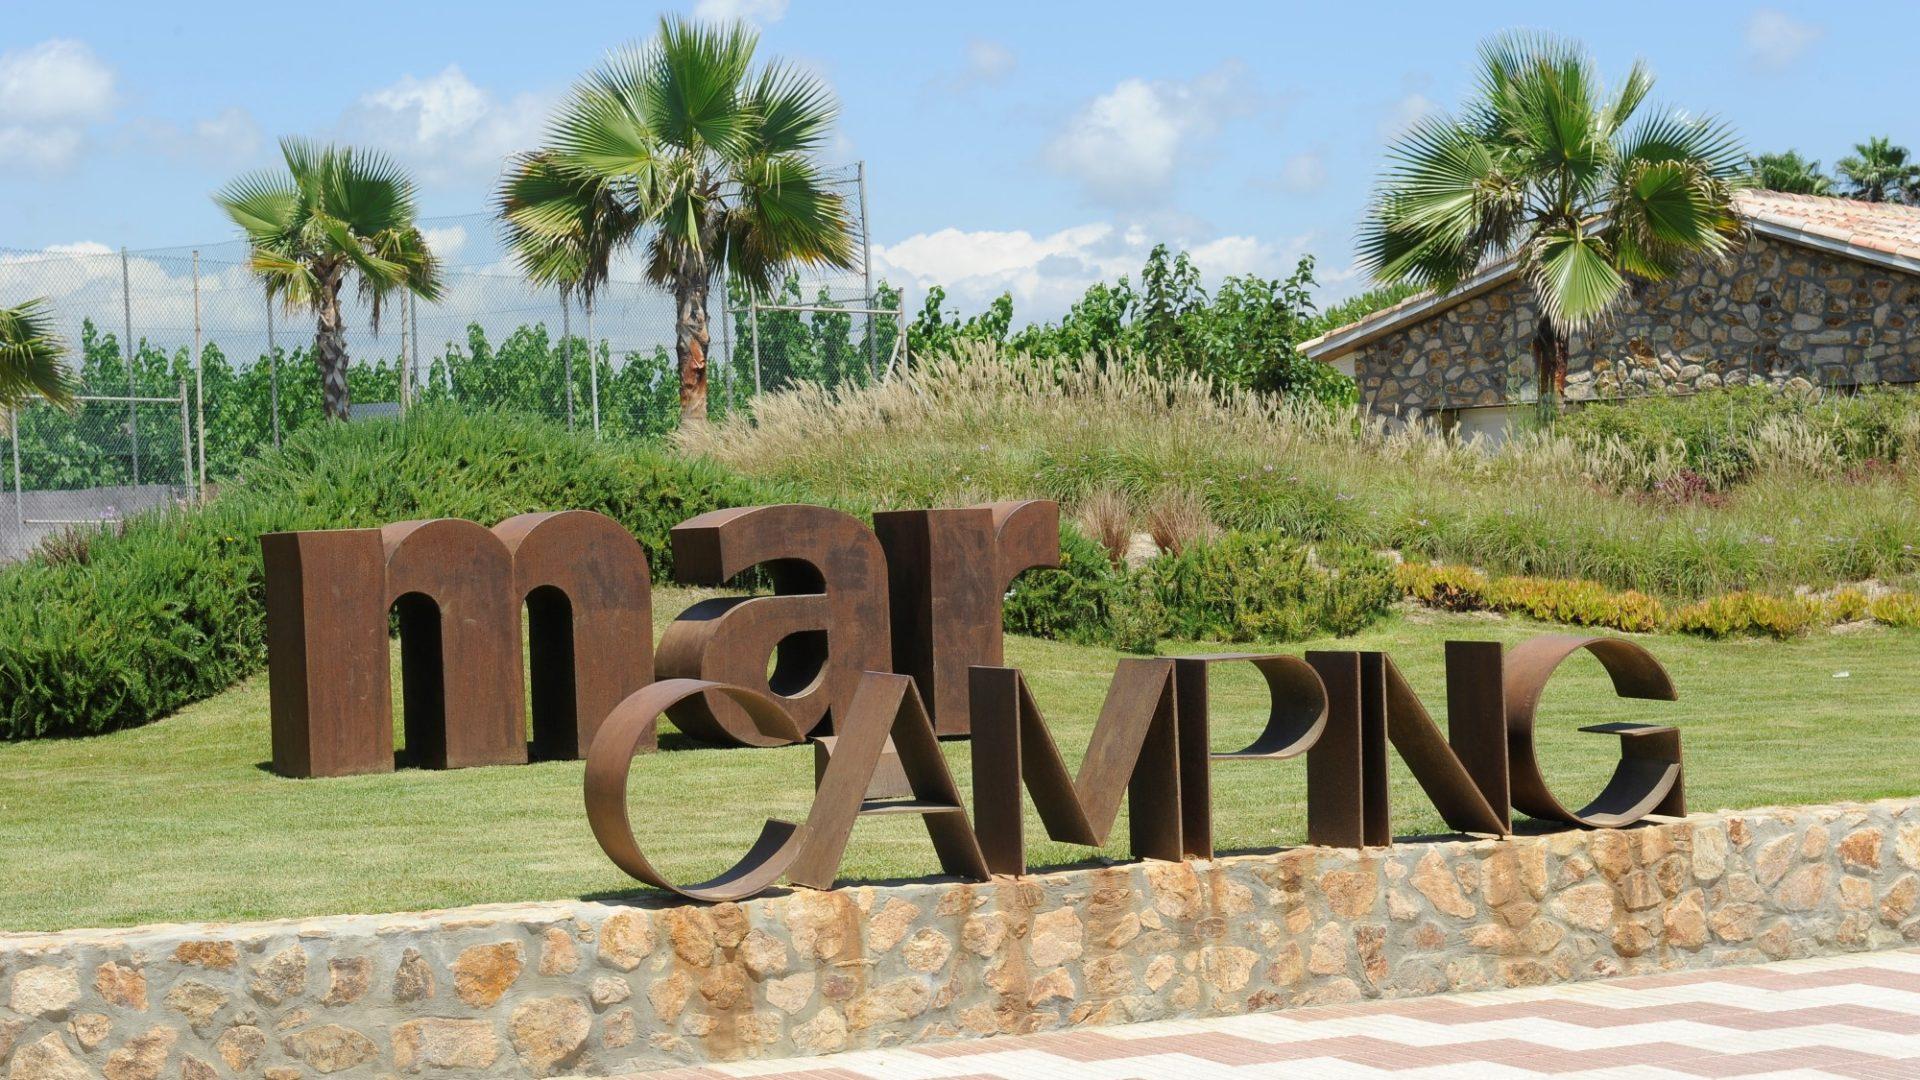 camping spain coast family